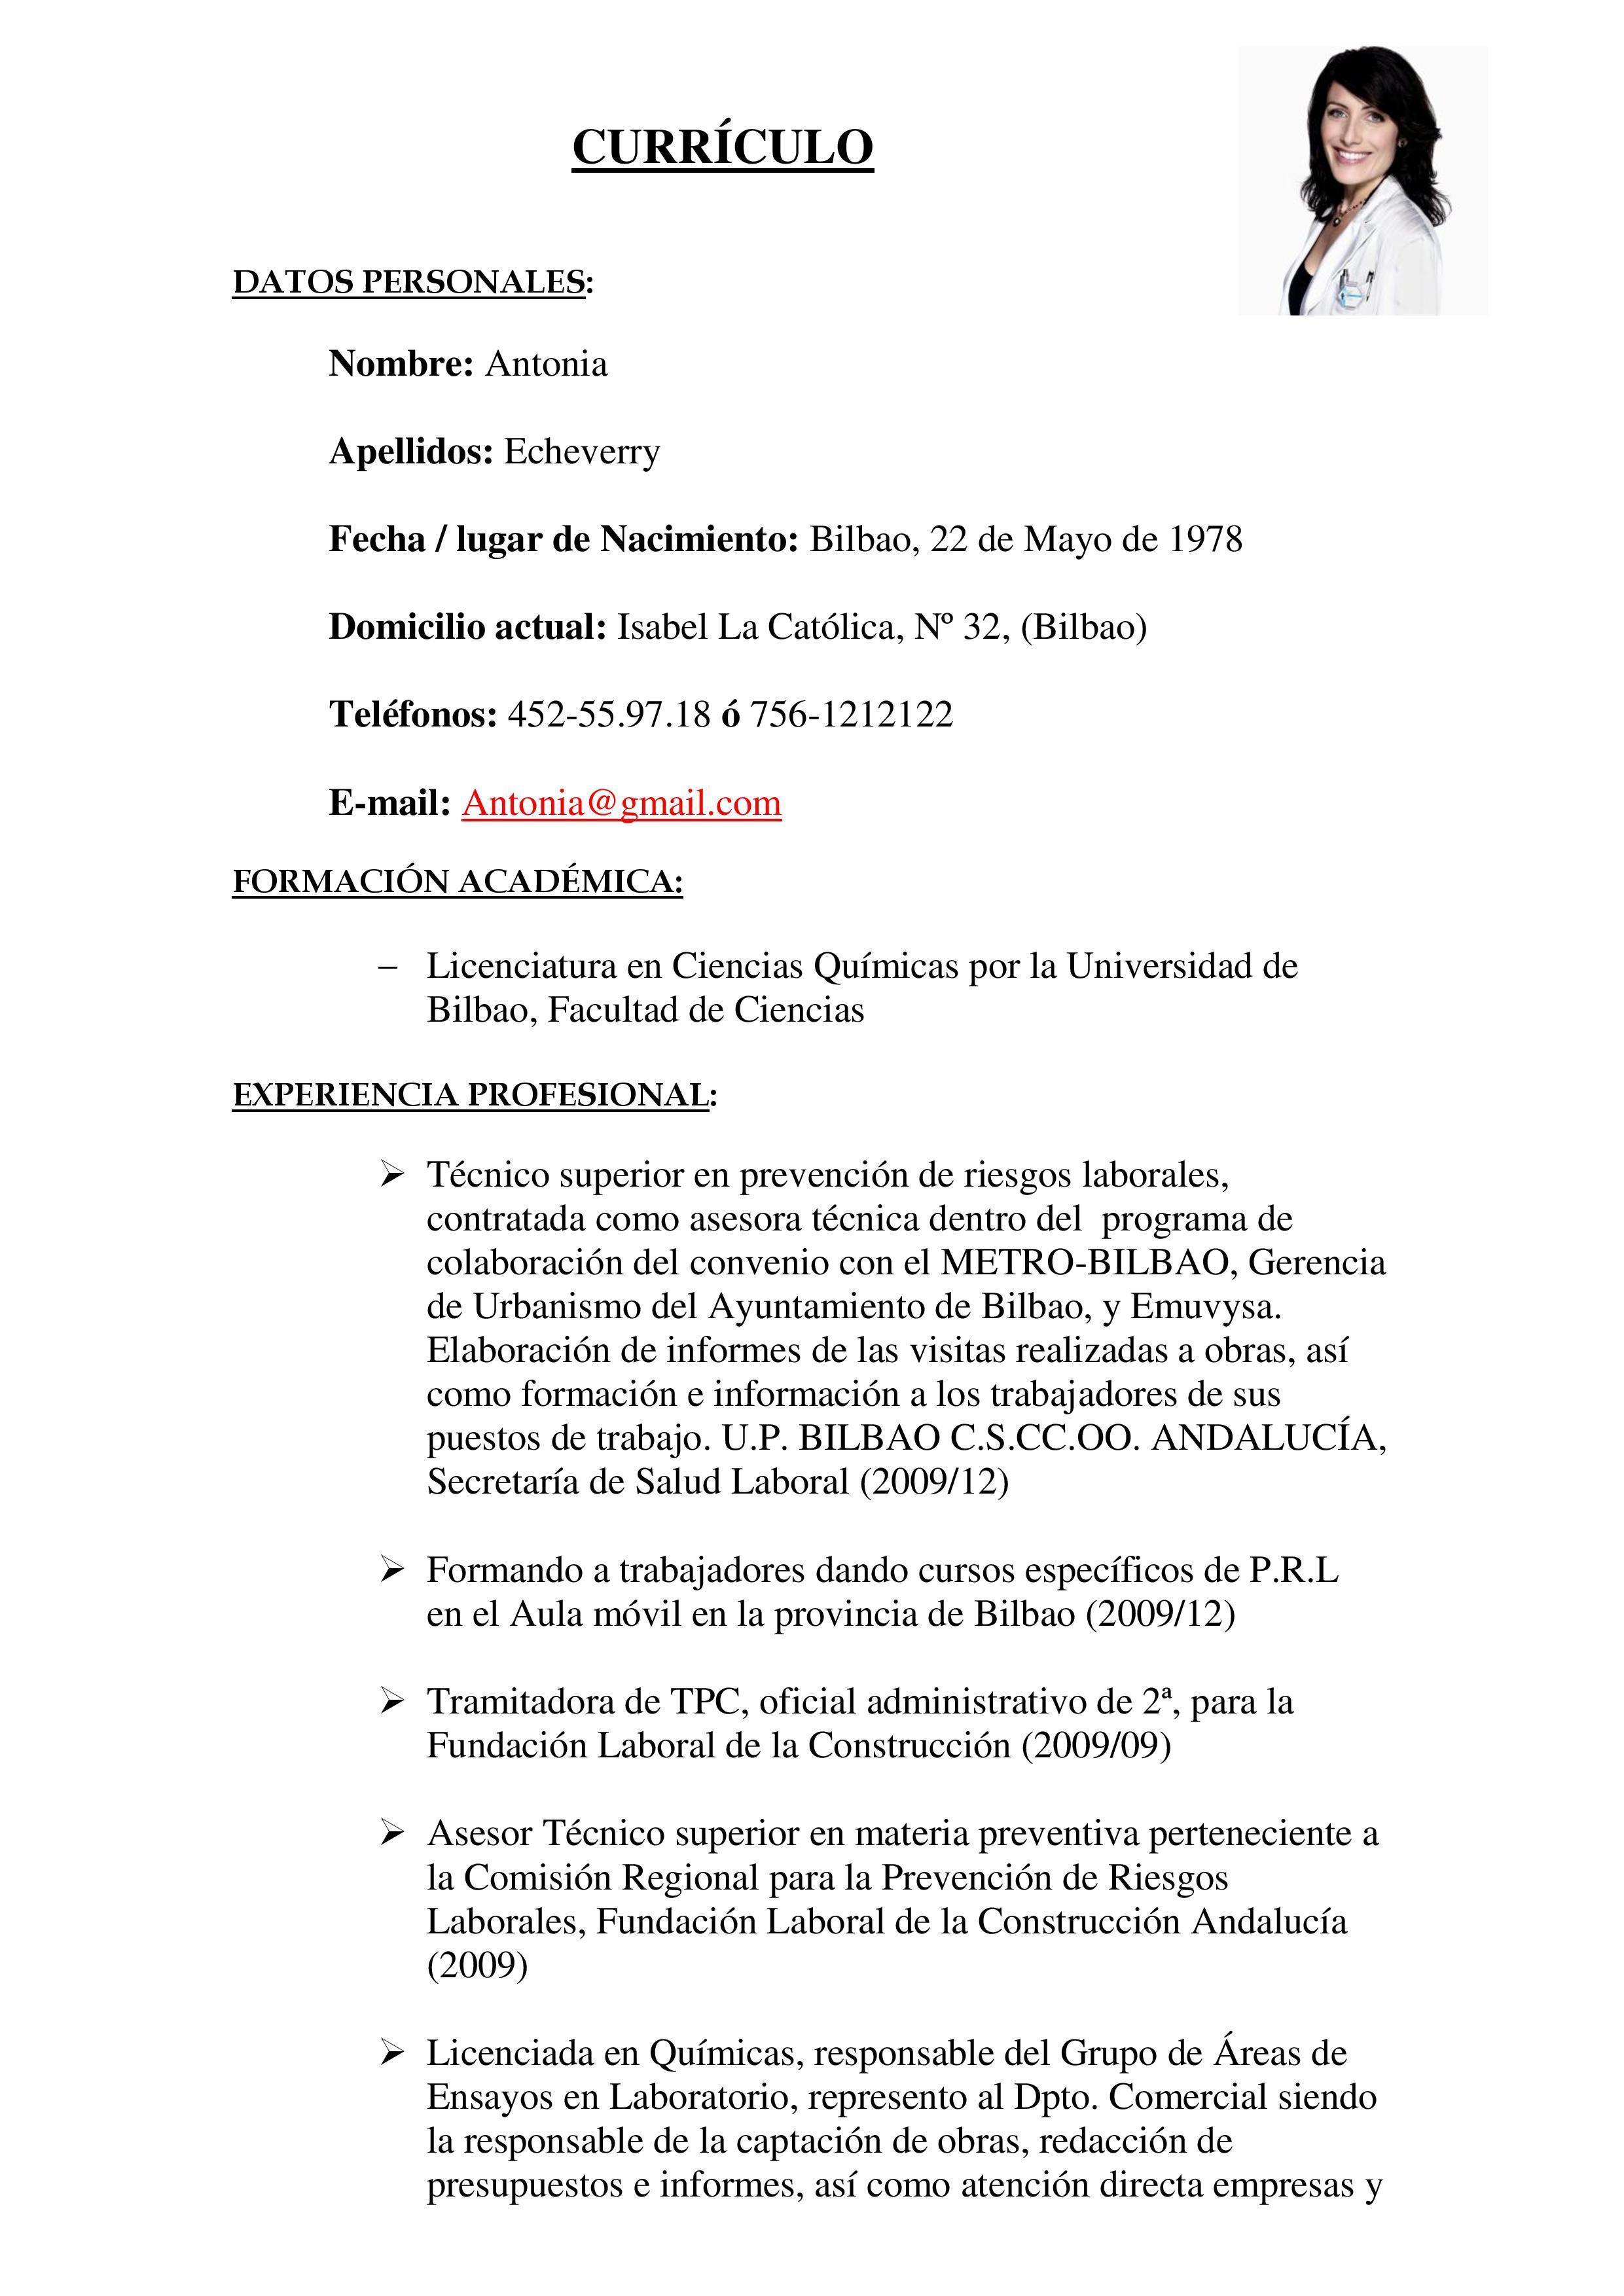 Ejemplo O Modelo De Curriculum Vitae Modelo De